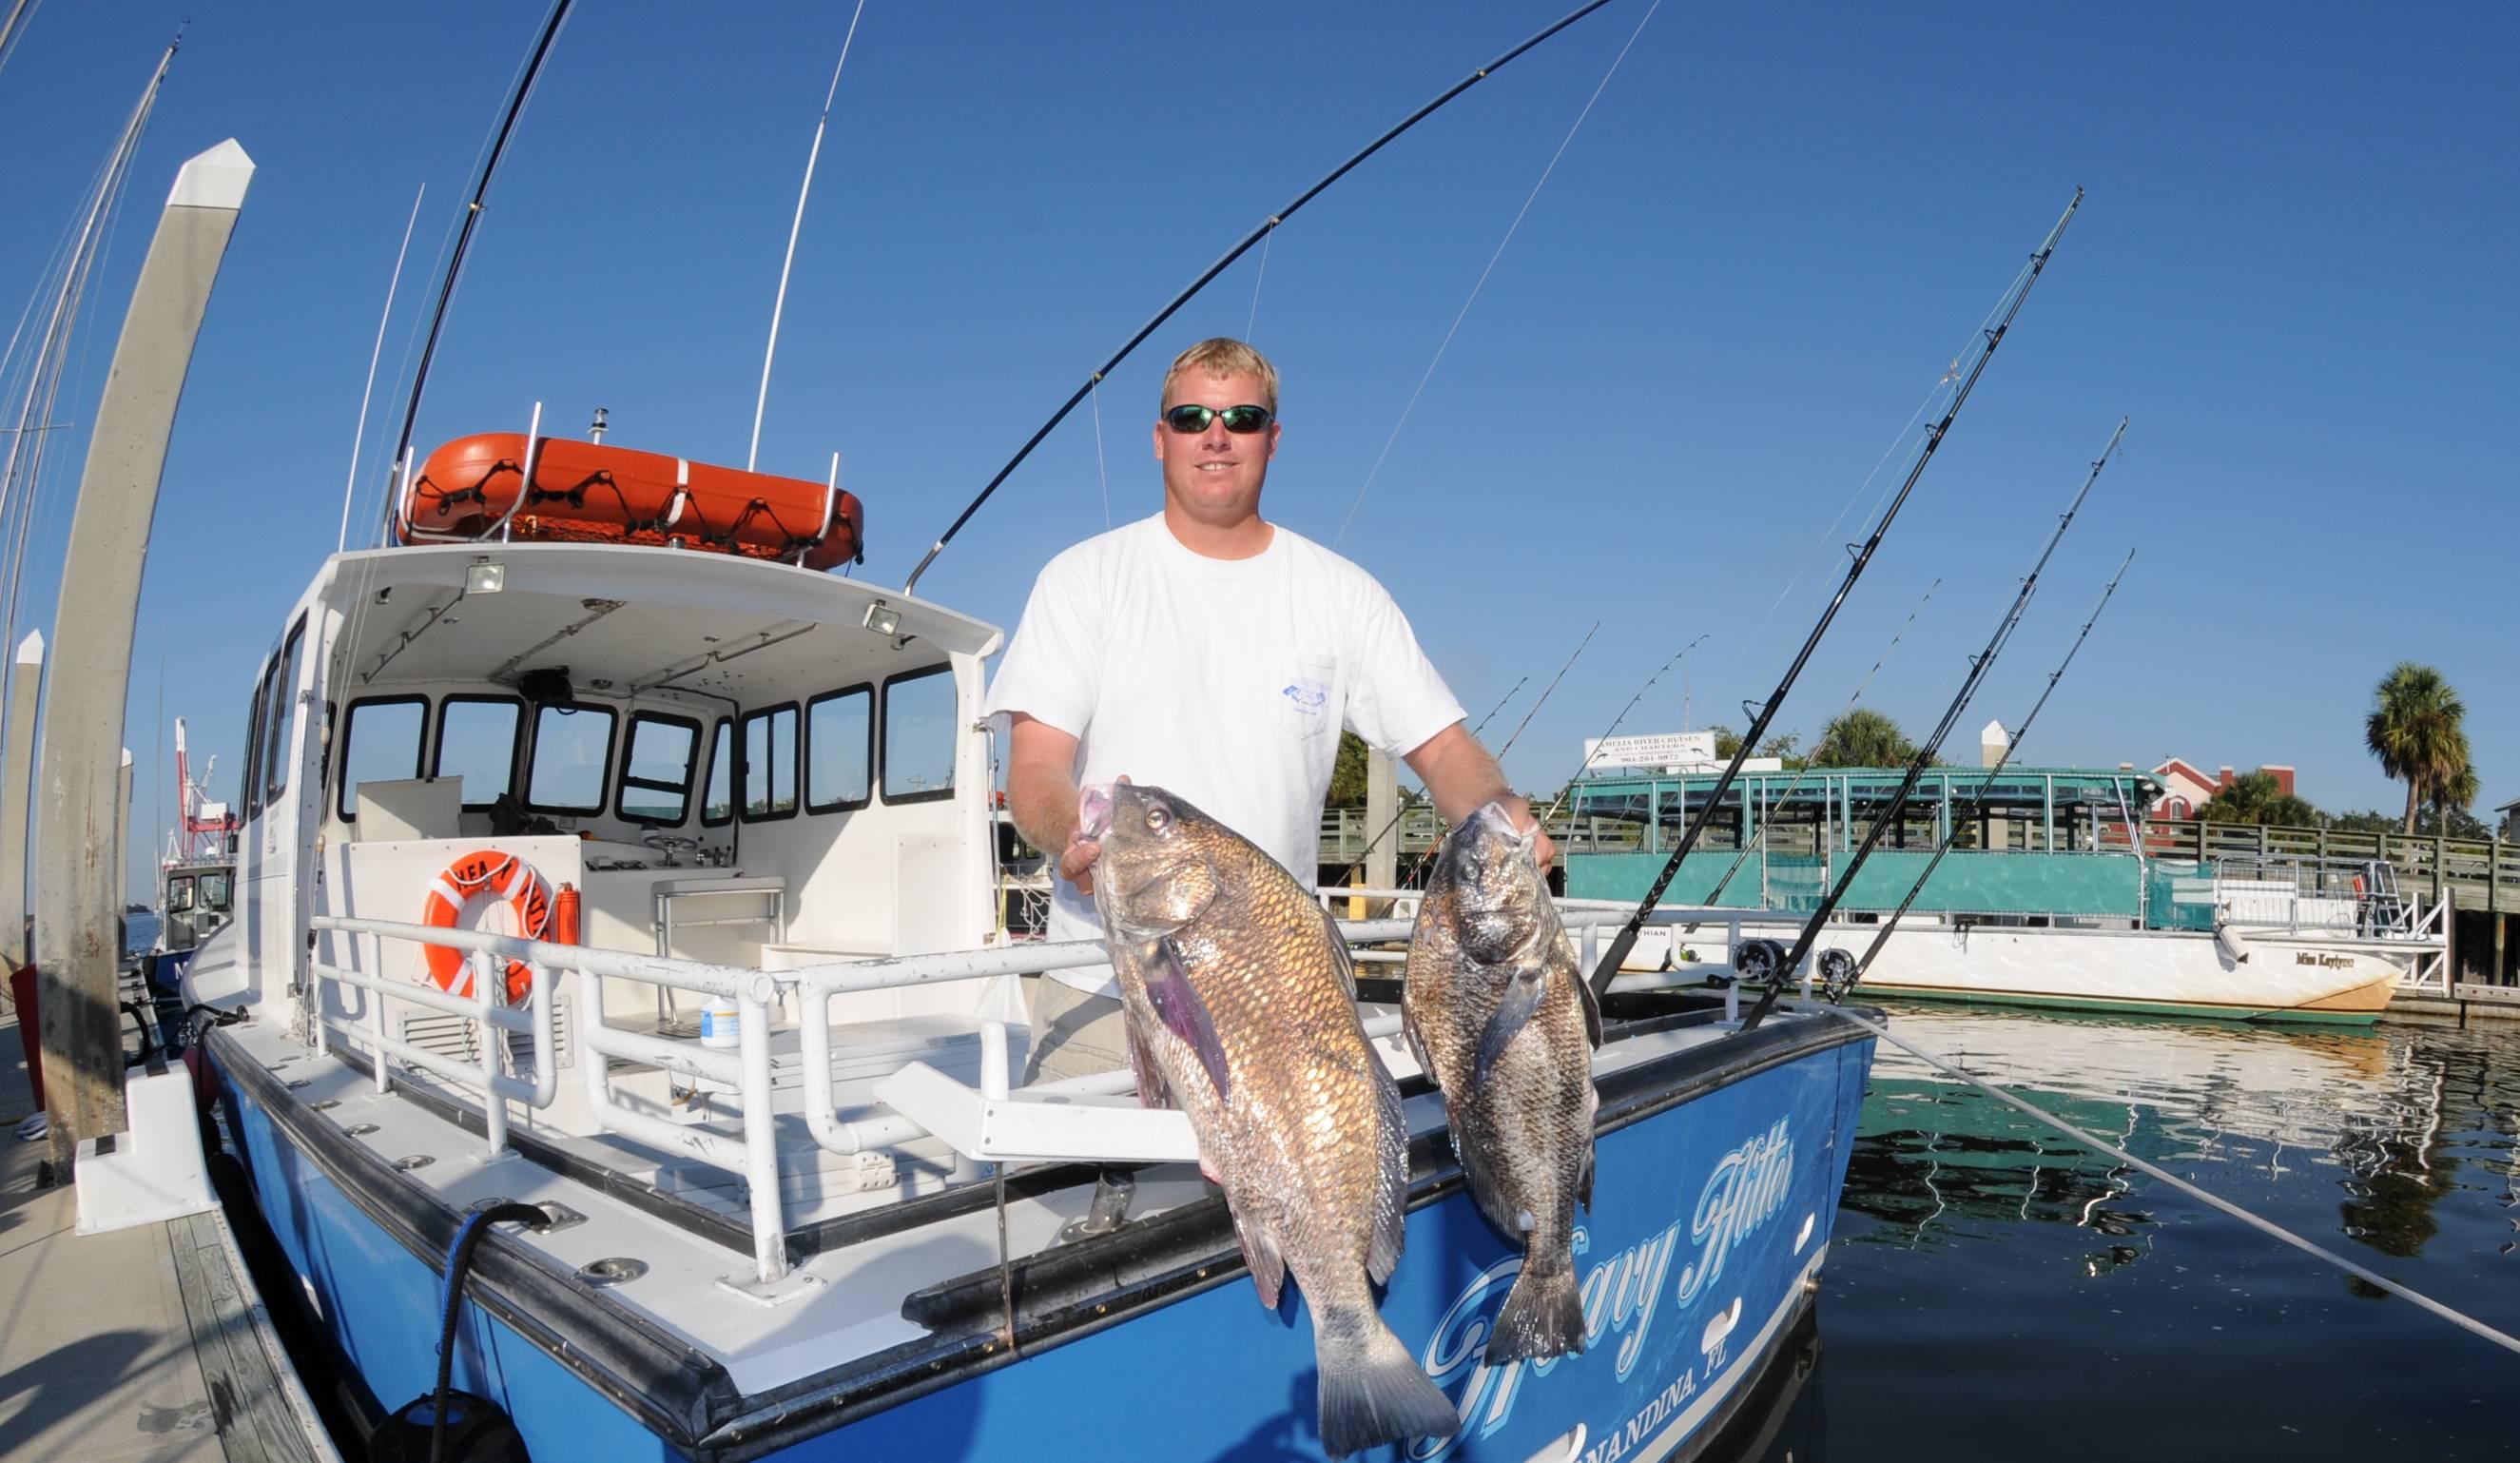 Fernandina and amelia island fishing report 04 2017 for Amelia island fishing report